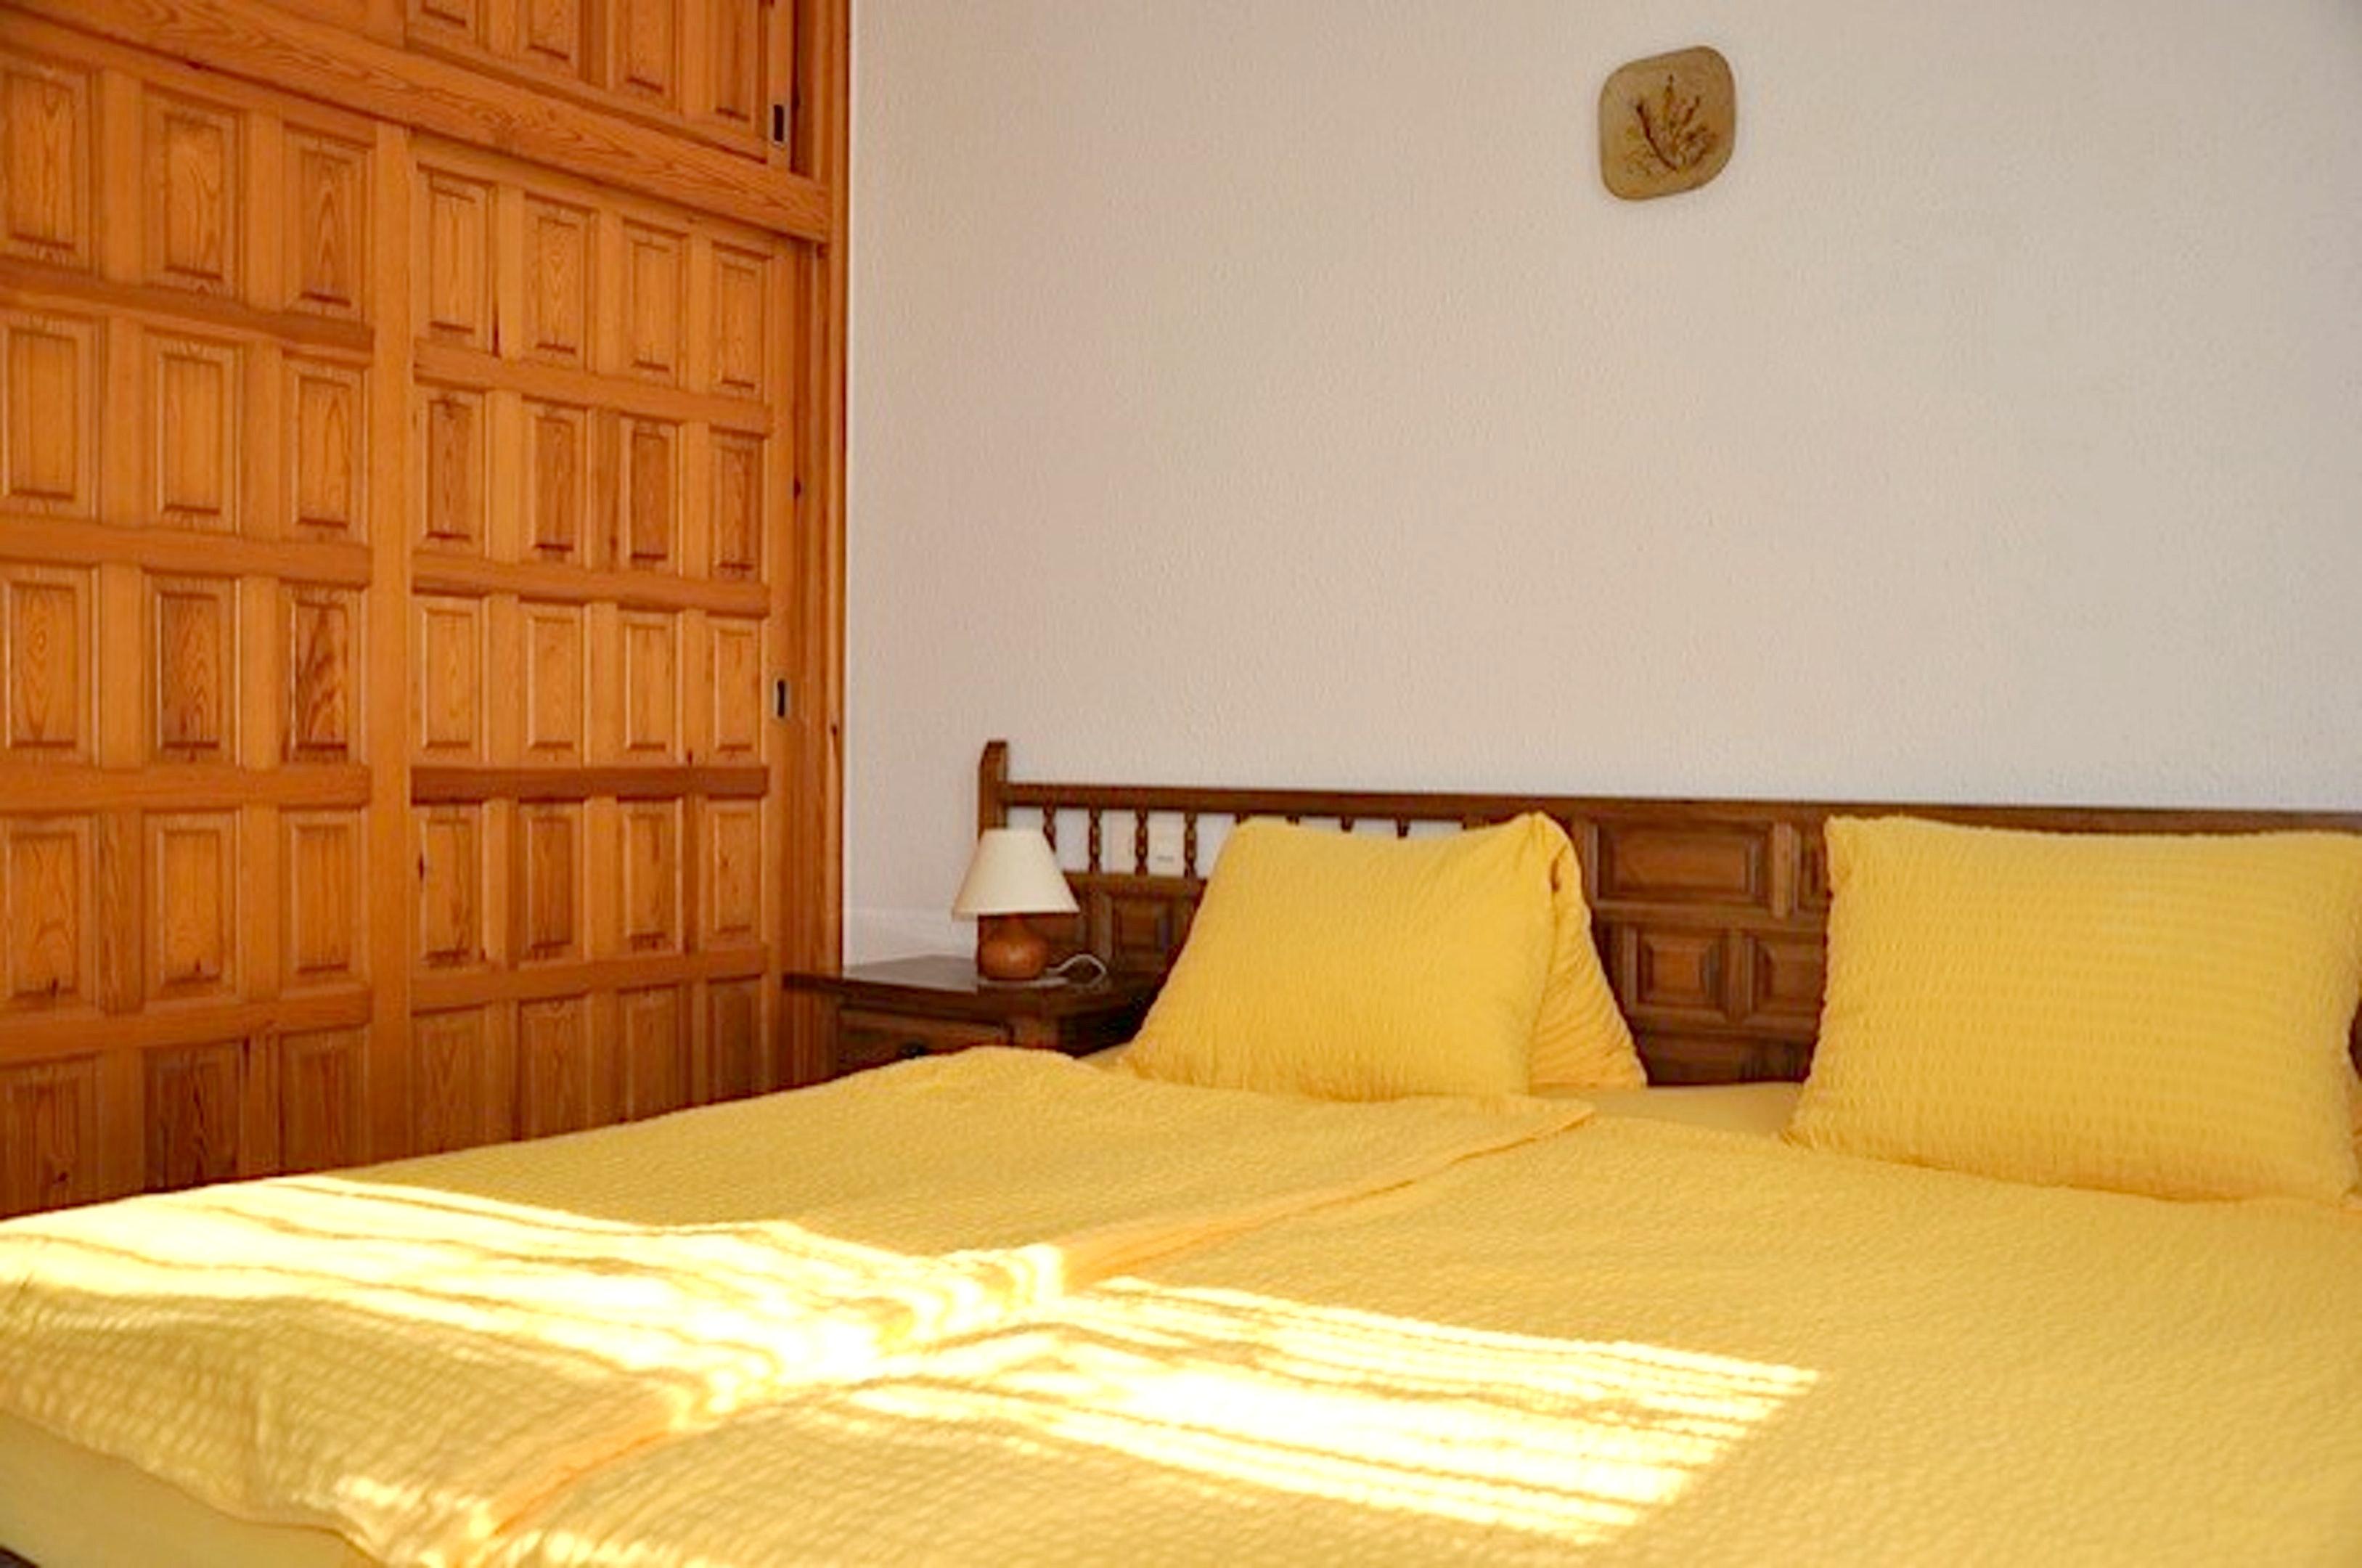 Ferienhaus Villa mit 3 Schlafzimmern in Ampolla mit herrlichem Meerblick, privatem Pool, möbliertem G (2201036), L'Ampolla, Costa Dorada, Katalonien, Spanien, Bild 15